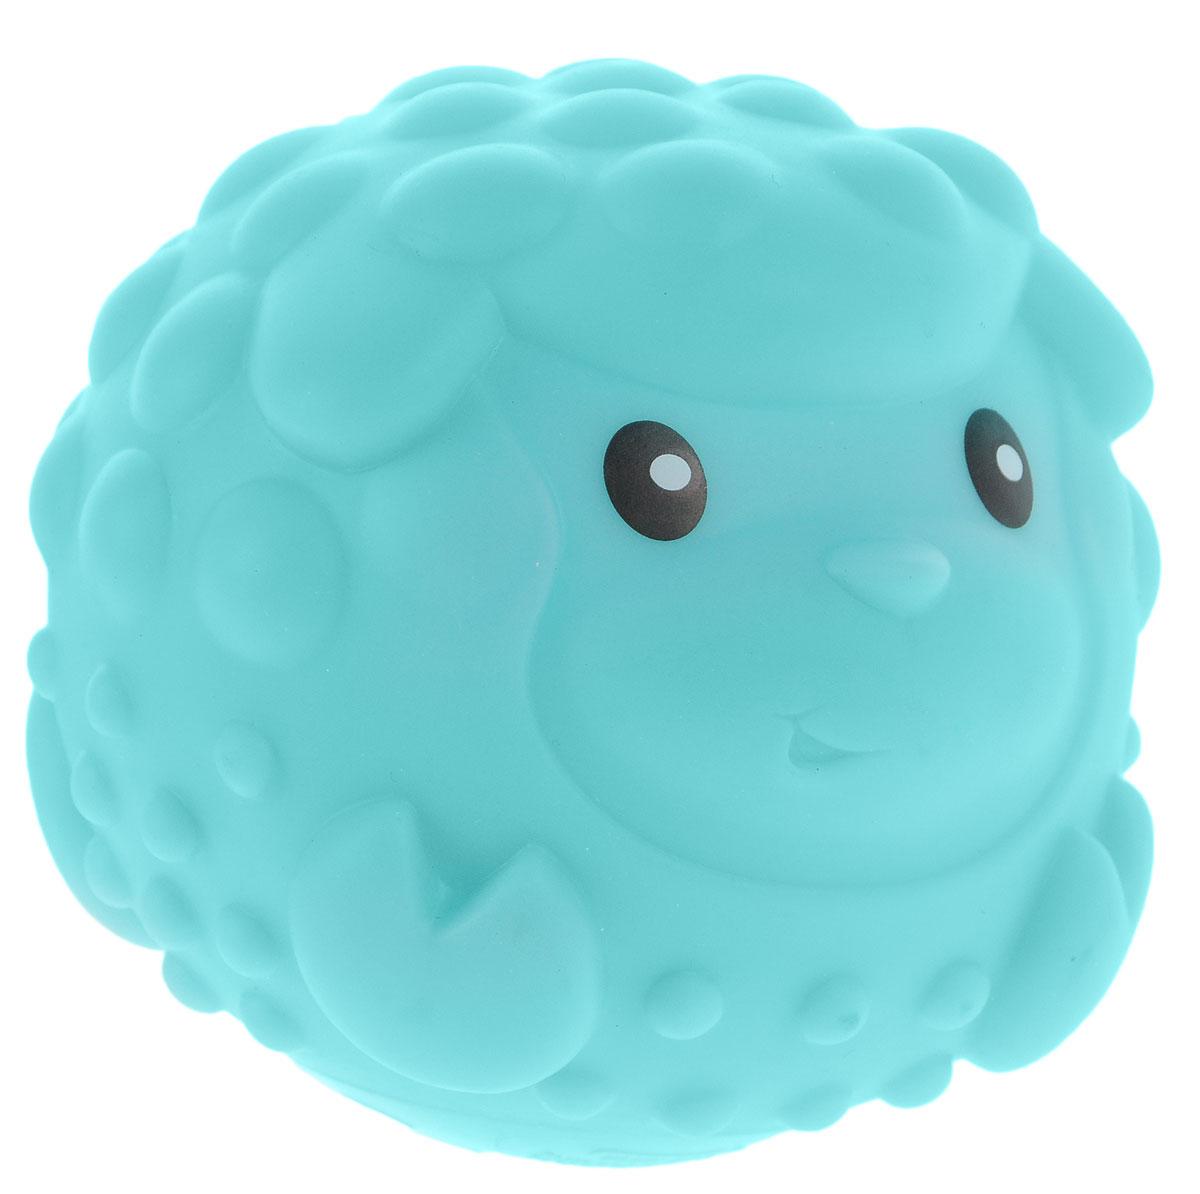 B kids Развивающая игрушка-пищалка Овечка905177BВсе дети любят развлечения с мячами. Развивающая игрушка-пищалка B kids Овечка - больше, чем просто мяч. Этот приятный на ощупь шар выполнен в виде симпатичной зверюшки. Его поверхность покрывают рельефные выпуклости, ощупывая которые ребенок развивает тактильные ощущения. Кроме того, шар издает звук, который очень нравится малышам. Предназначено для детей от 6 месяцев.